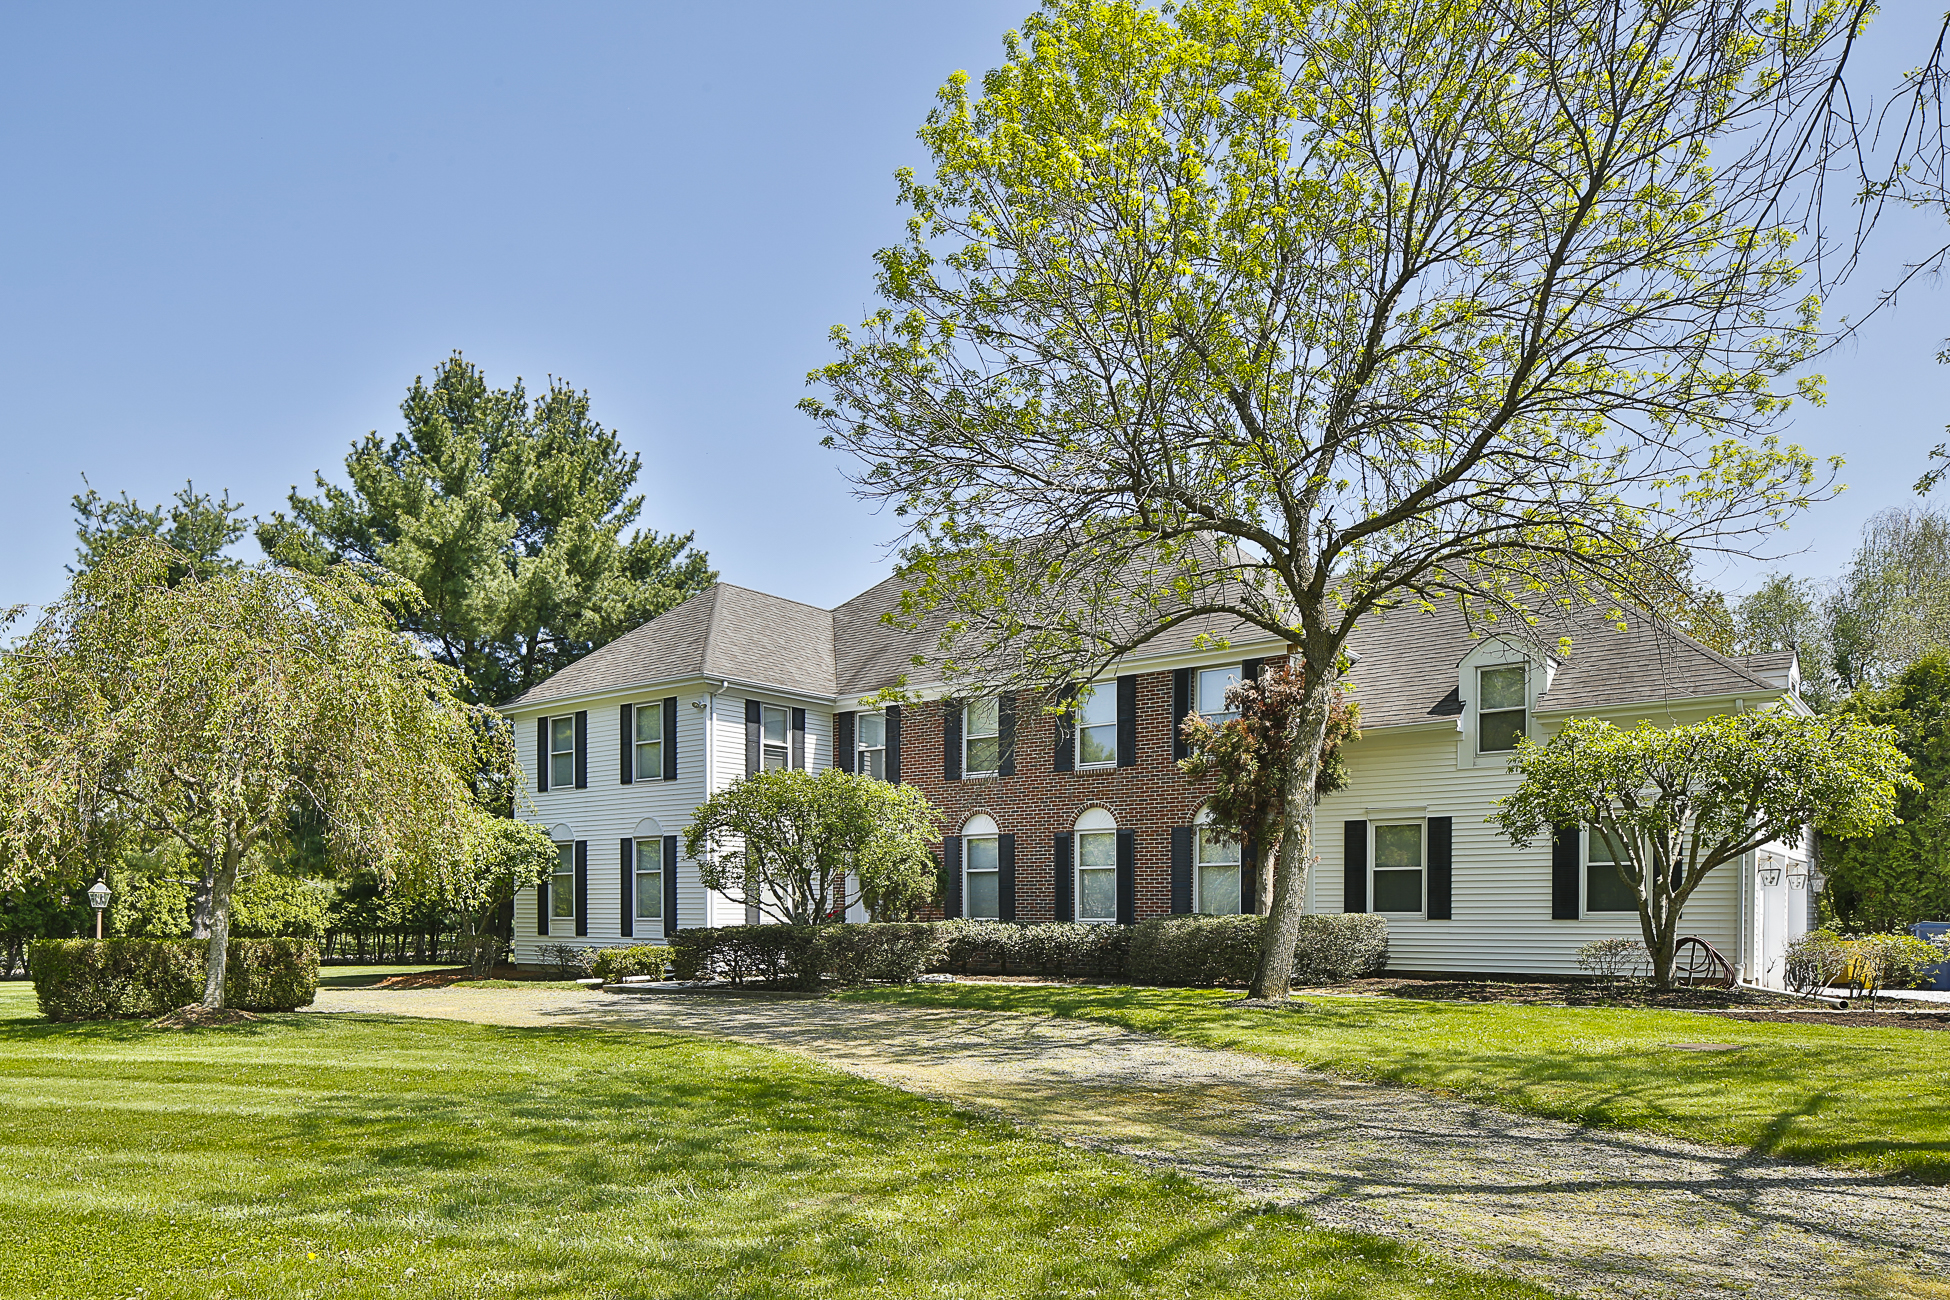 Maison unifamiliale pour l Vente à A Custom Home With High-End Touches - Lawrence Township 1 Dorchester Court Princeton, New Jersey 08540 États-Unis